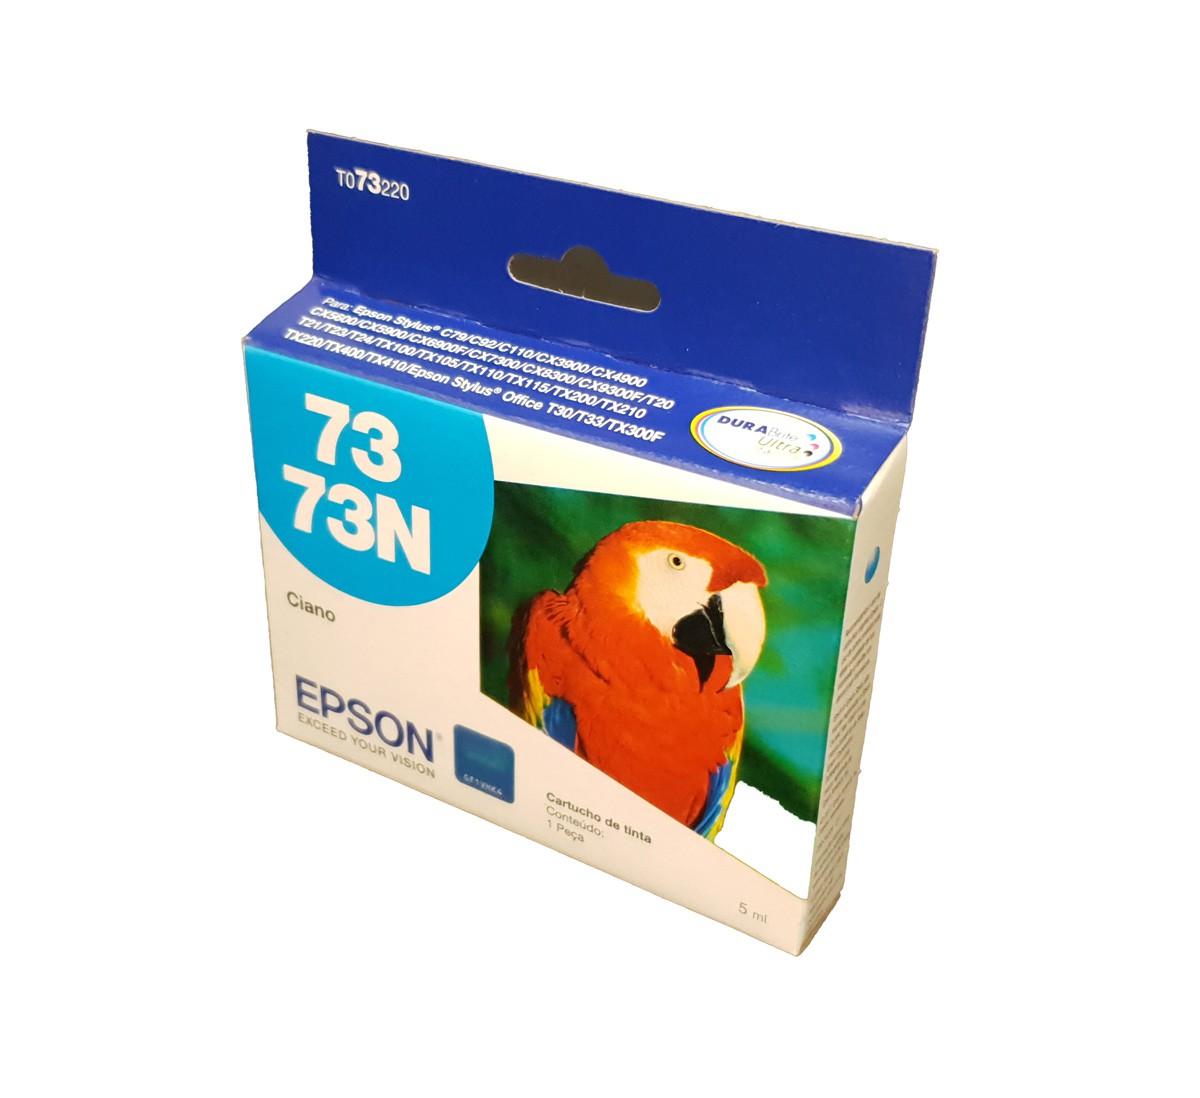 Cartucho EPSON T073220 TO732N TO732 732 Ciano para c79 CX4900 T24 TX105 TX115 T33